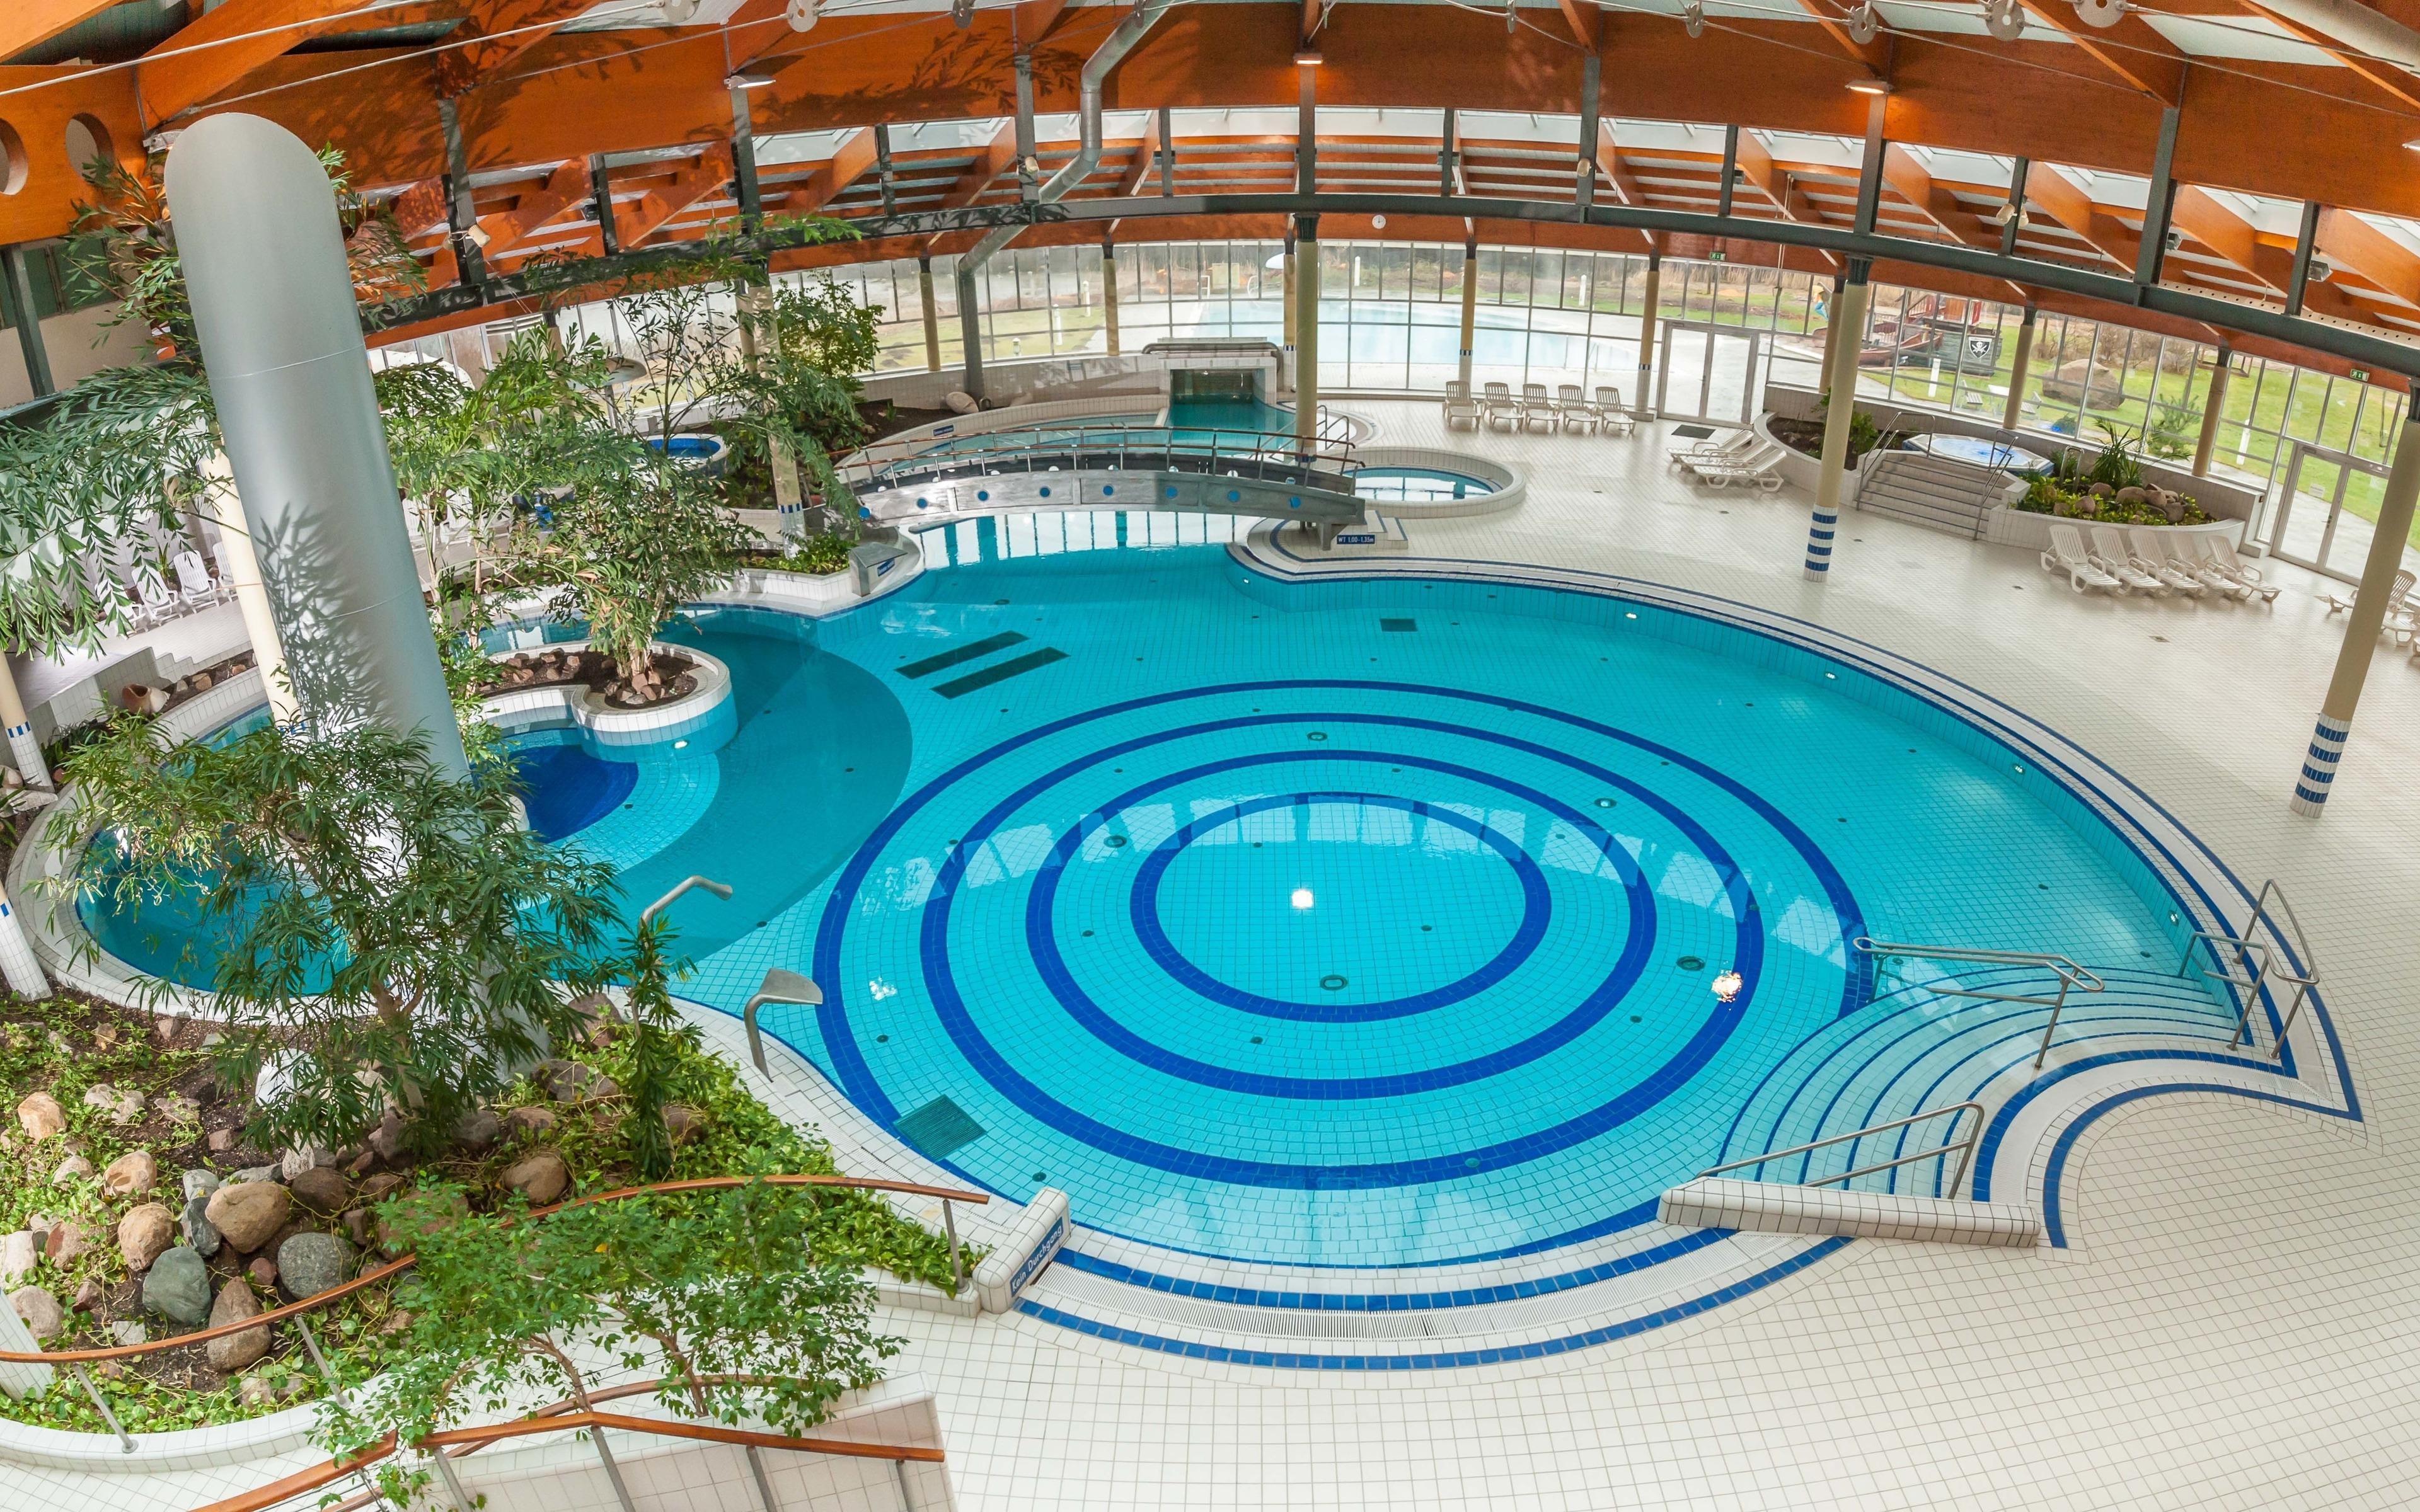 Ferienwohnung Südstrand ,Meerblick Schwimmbadnutzung, 2 Räder inklusive,Sauna (2568190), Göhren, Rügen, Mecklenburg-Vorpommern, Deutschland, Bild 4